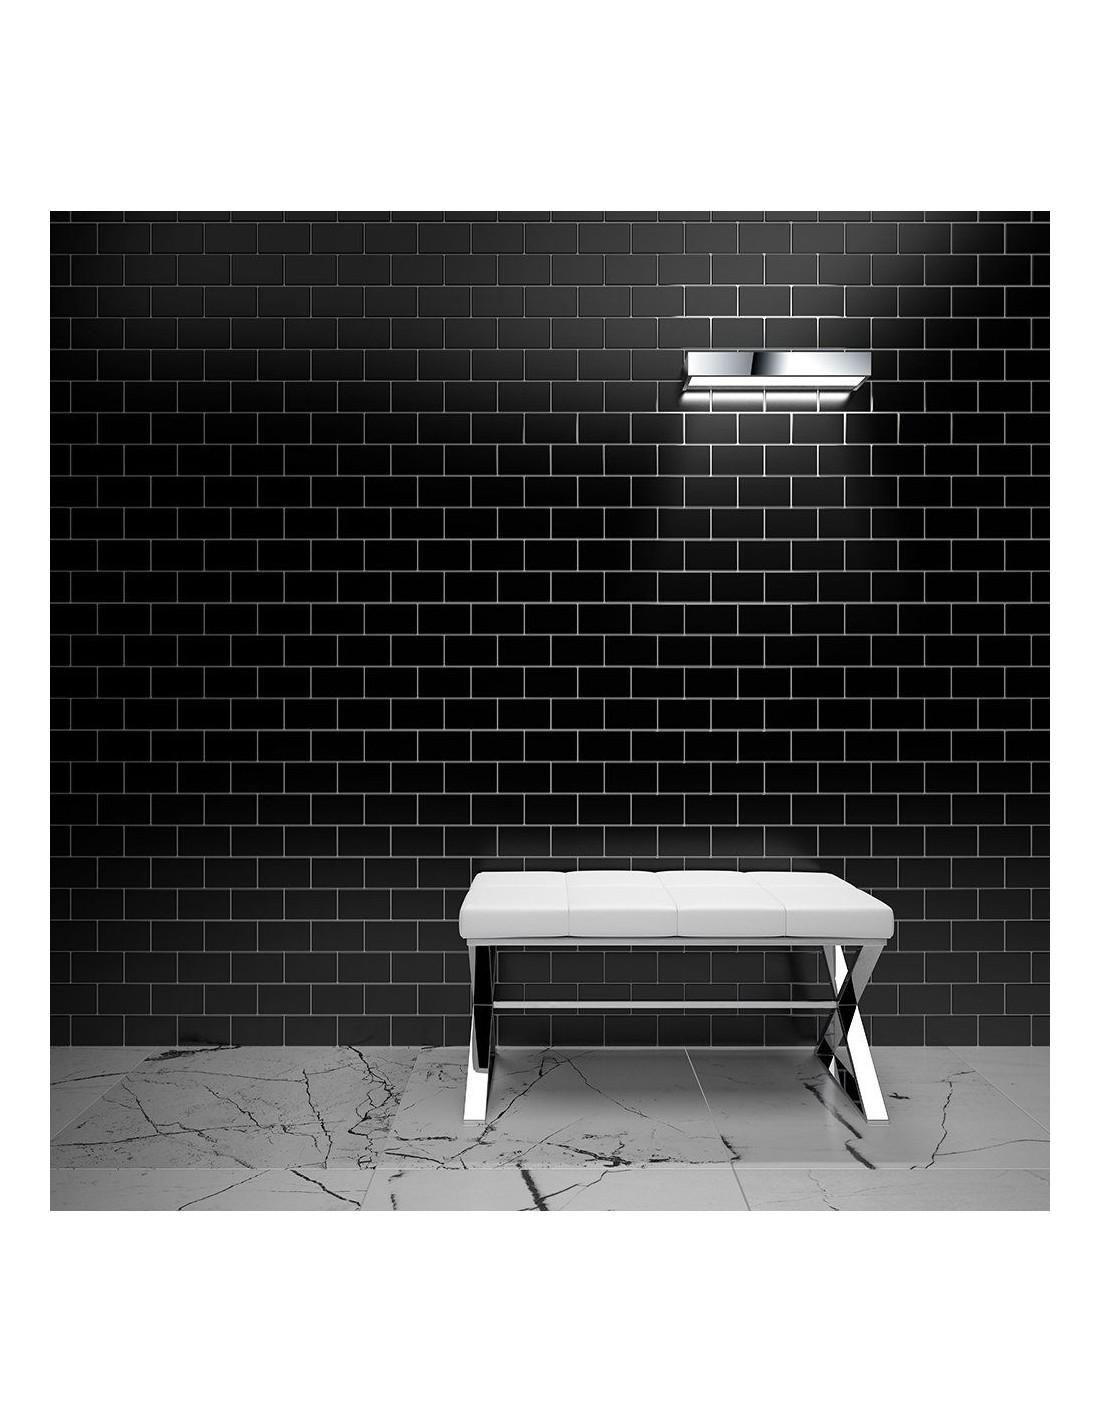 Banc de salle de bain blanc Valente design decor walther